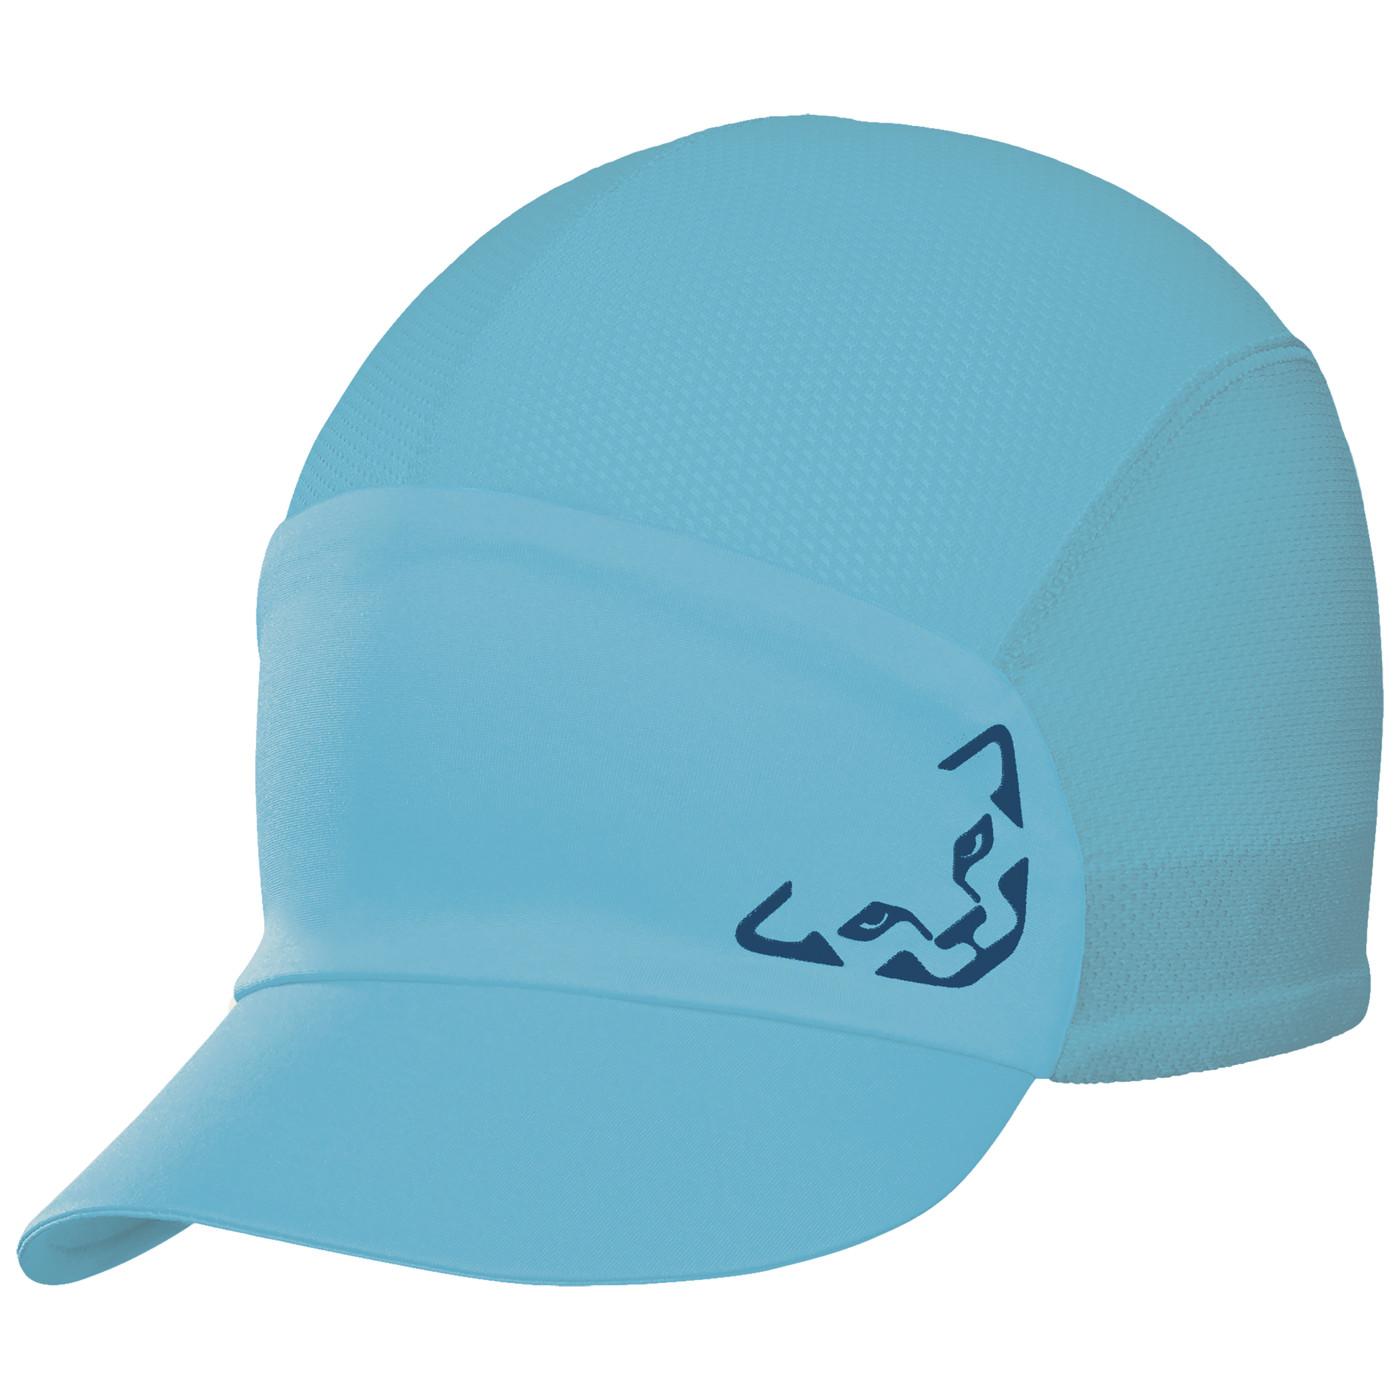 DYNAFIT REACT VISOR CAP - Herren